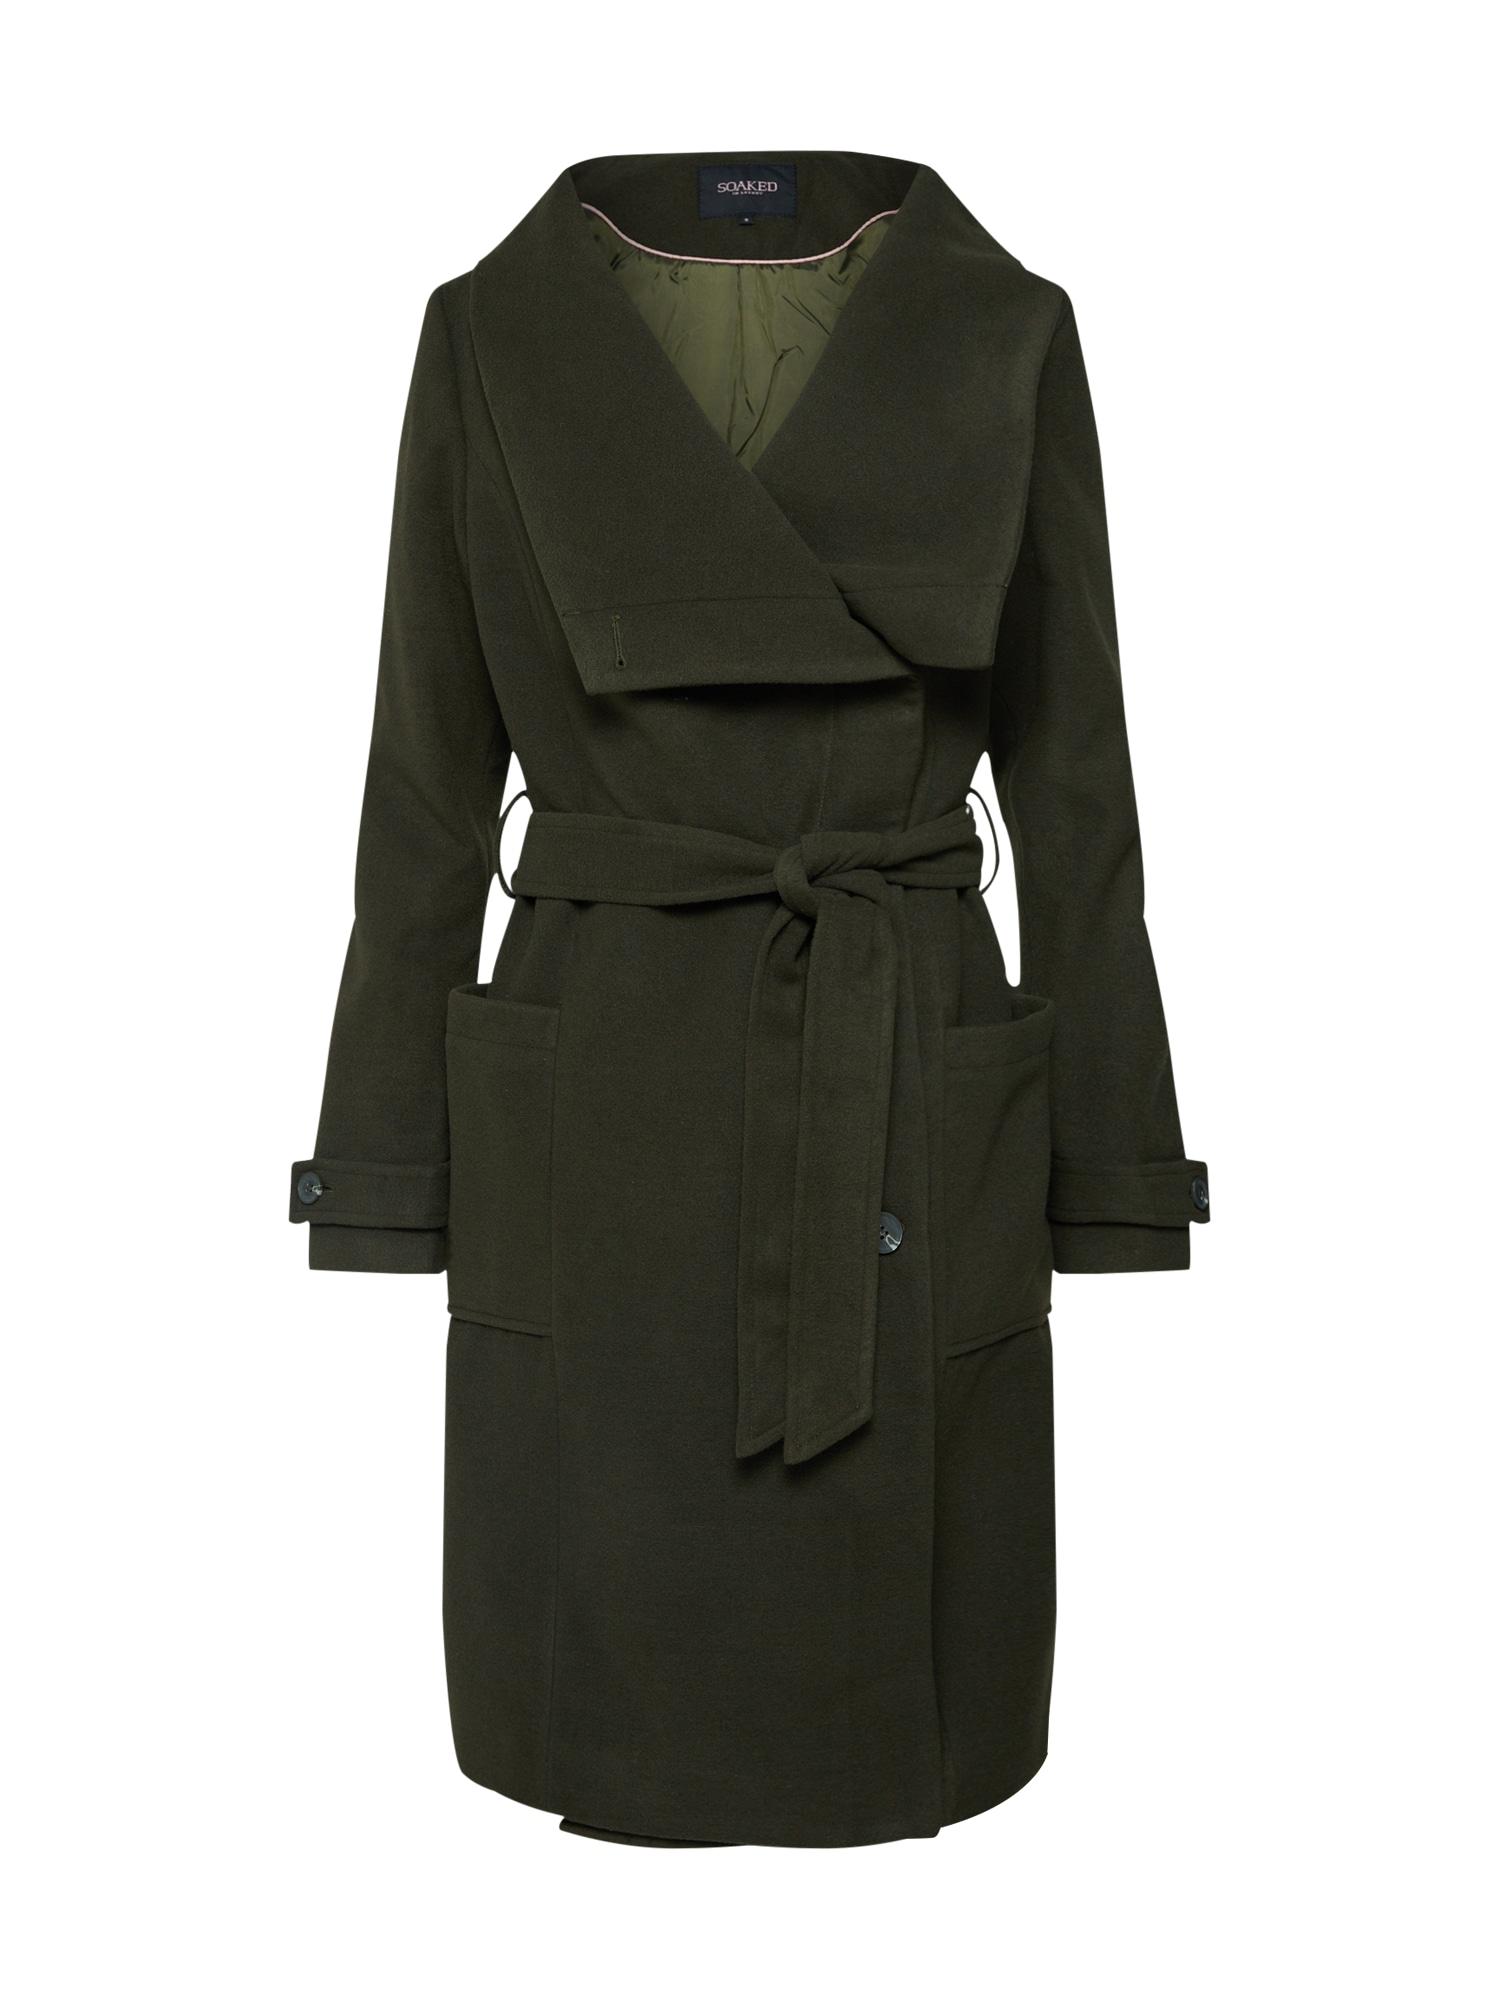 Přechodný kabát olivová SOAKED IN LUXURY